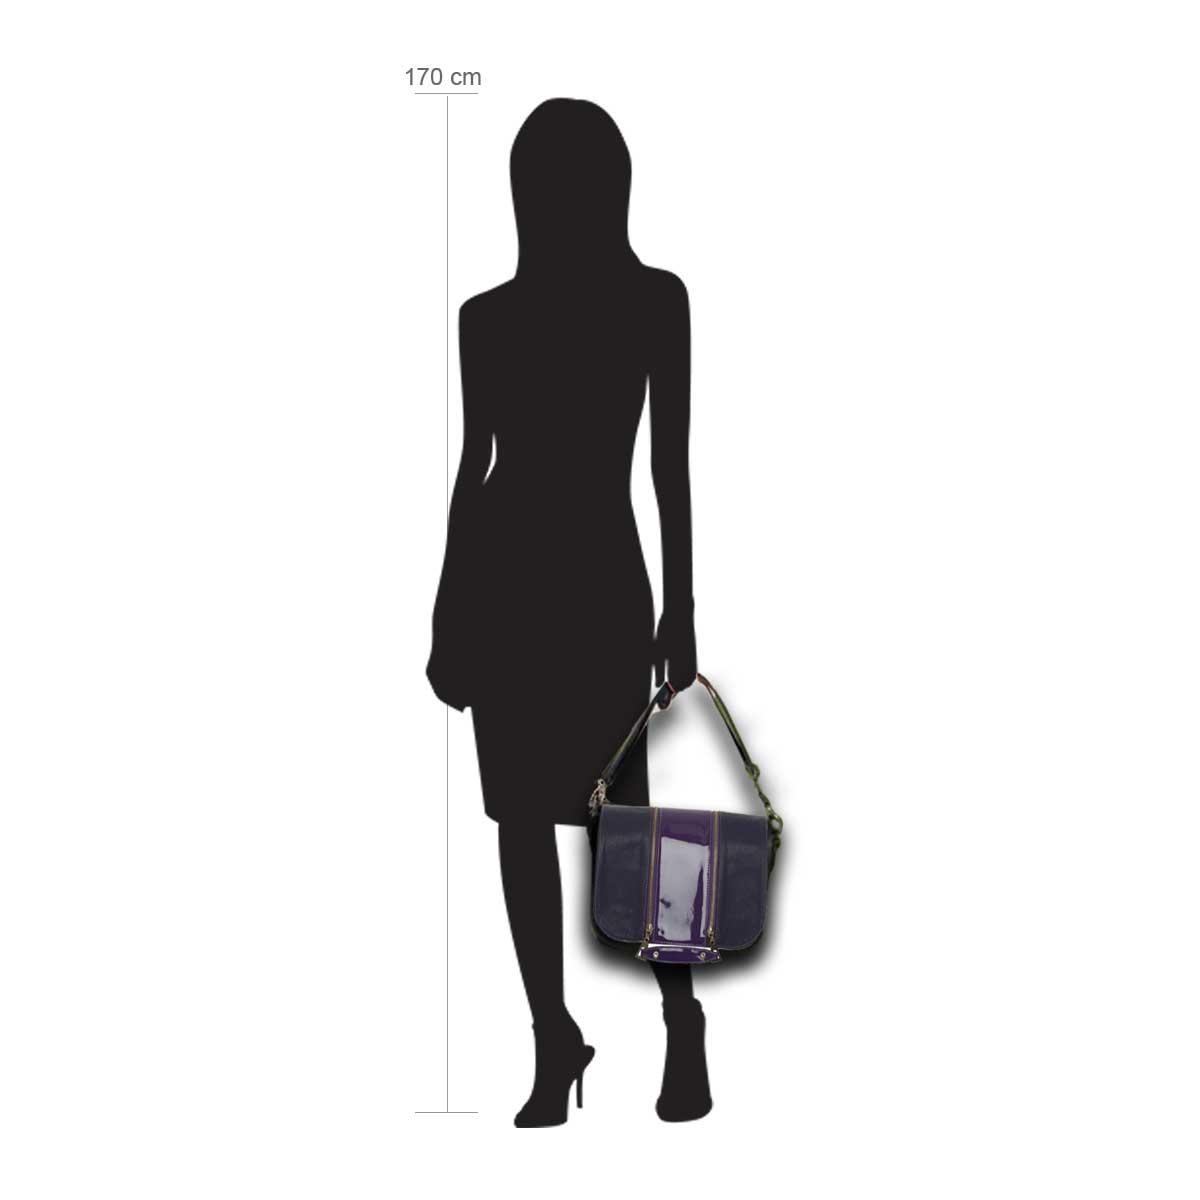 Modellpuppe 170 cm groß zeigt die Handtaschengröße an der Person Modell:Pinky